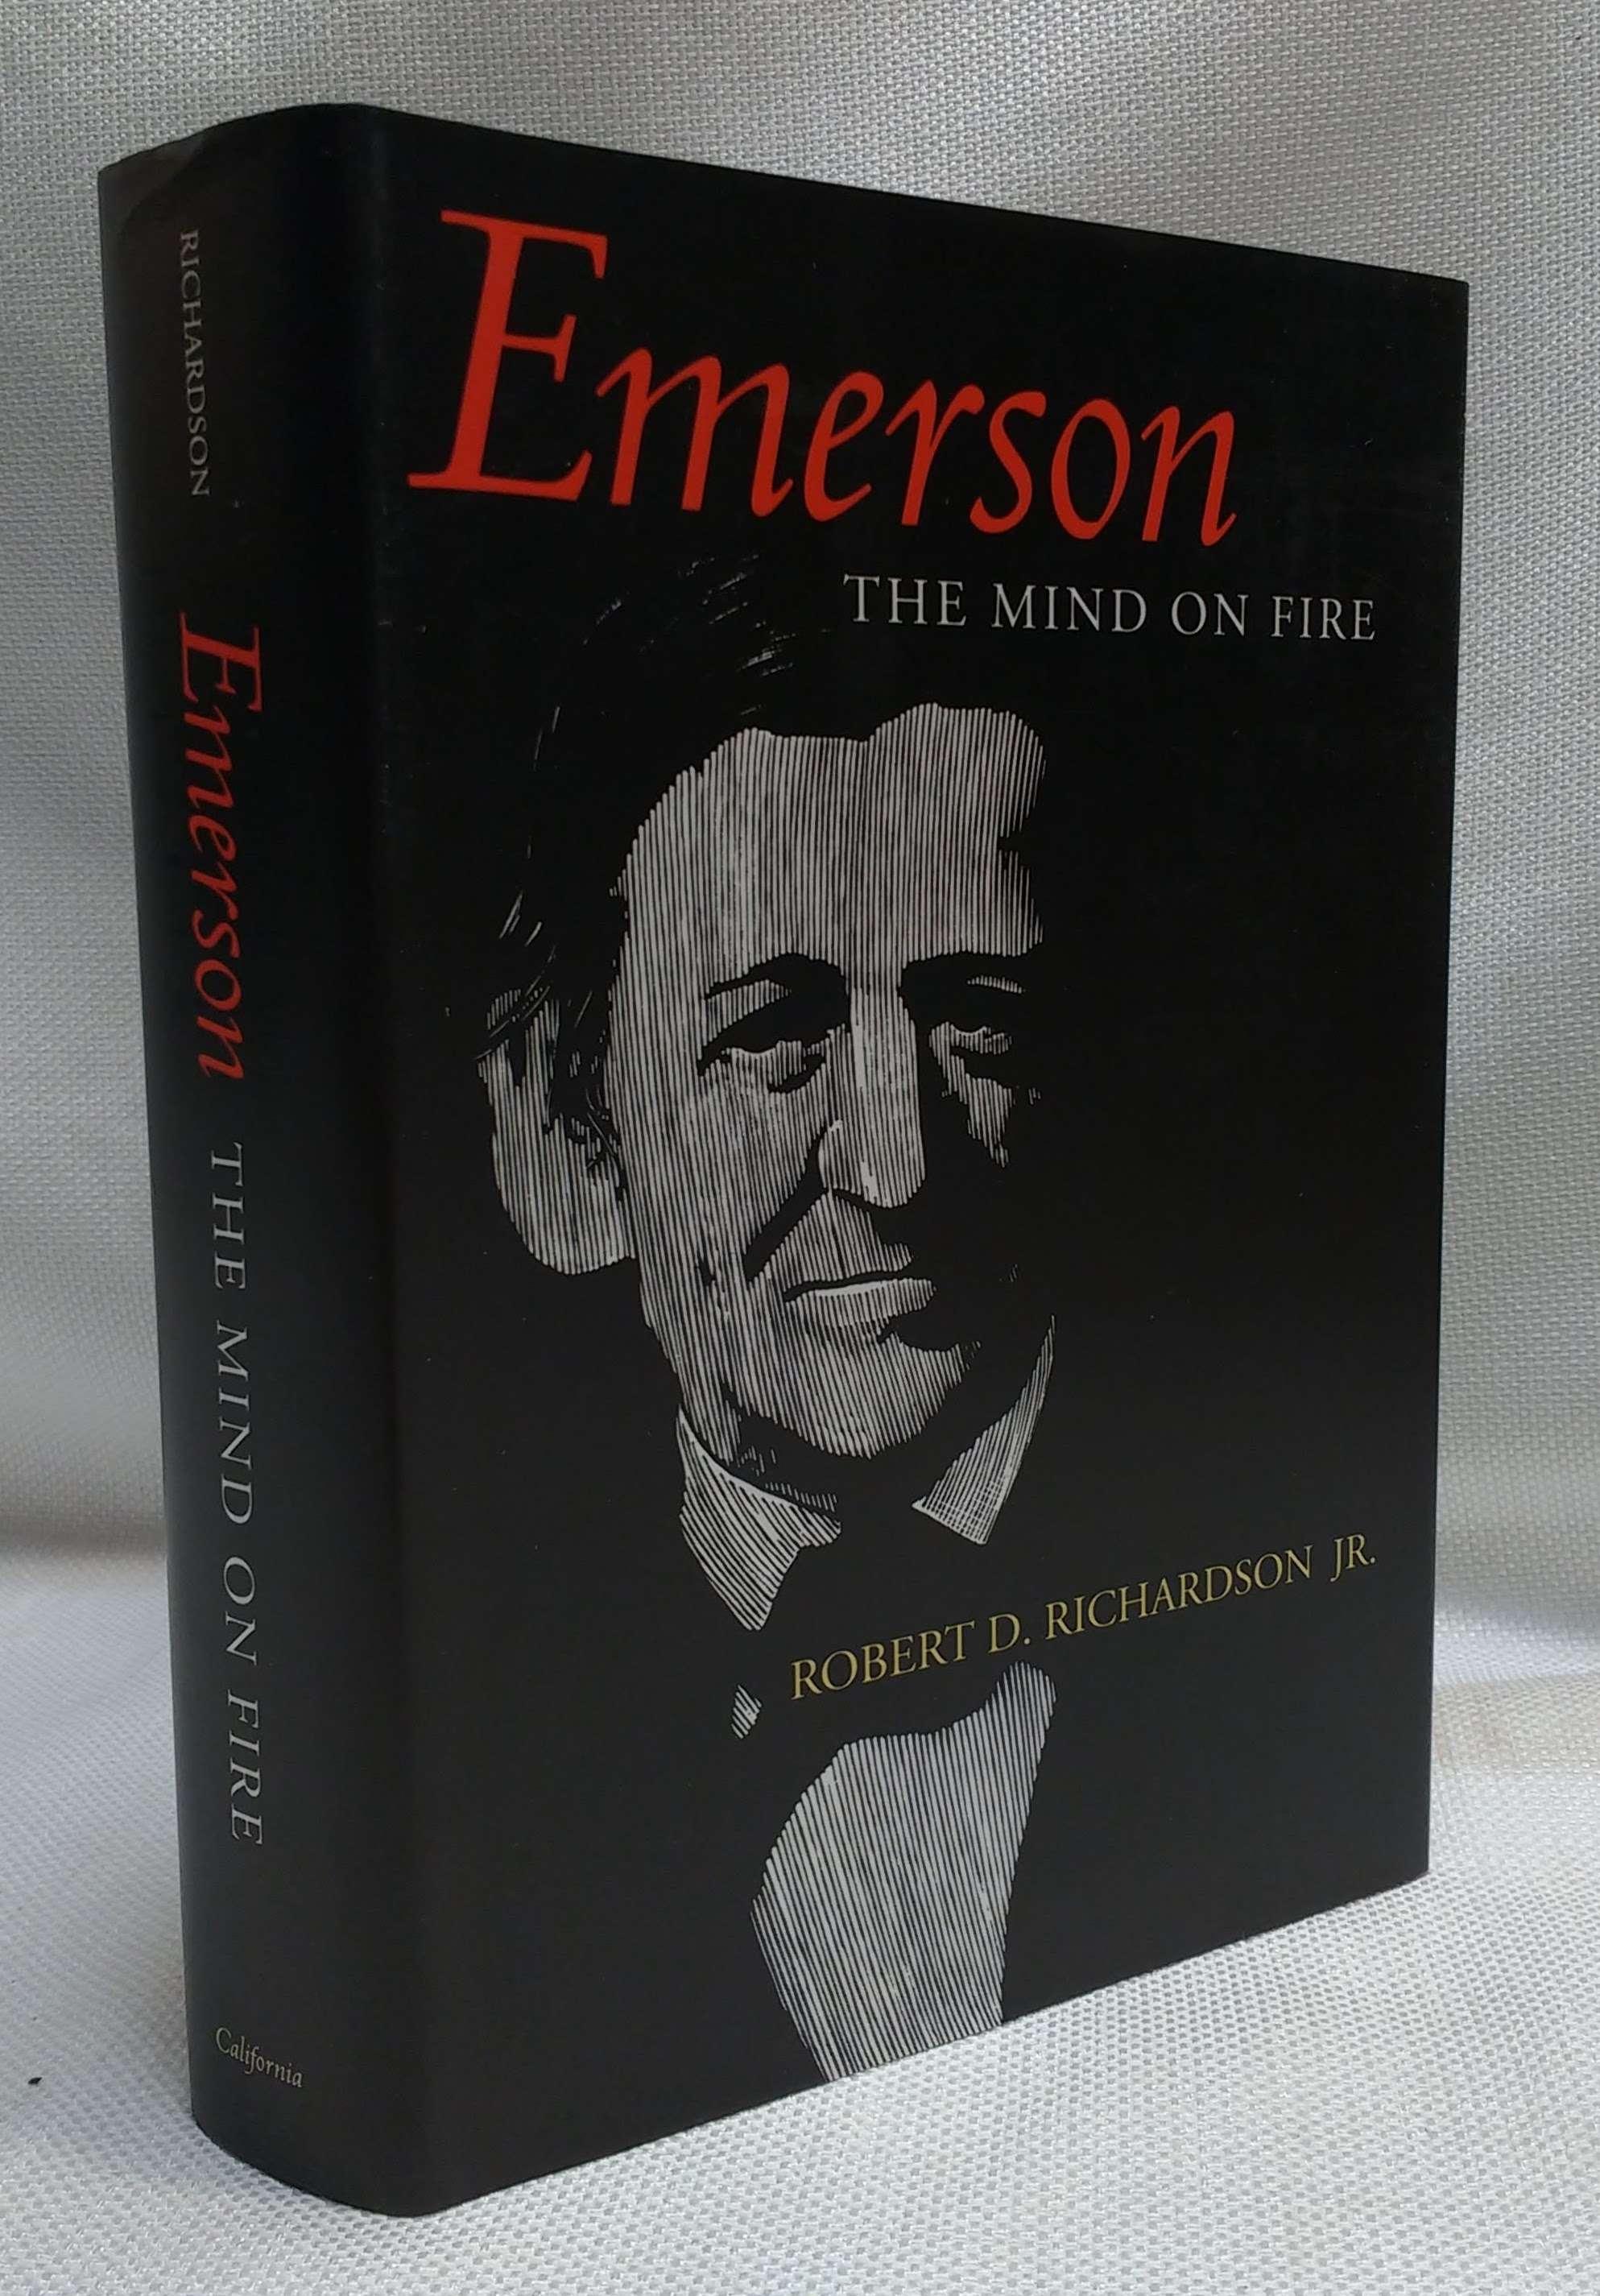 Emerson: The Mind on Fire, Robert D. Richardson Jr.